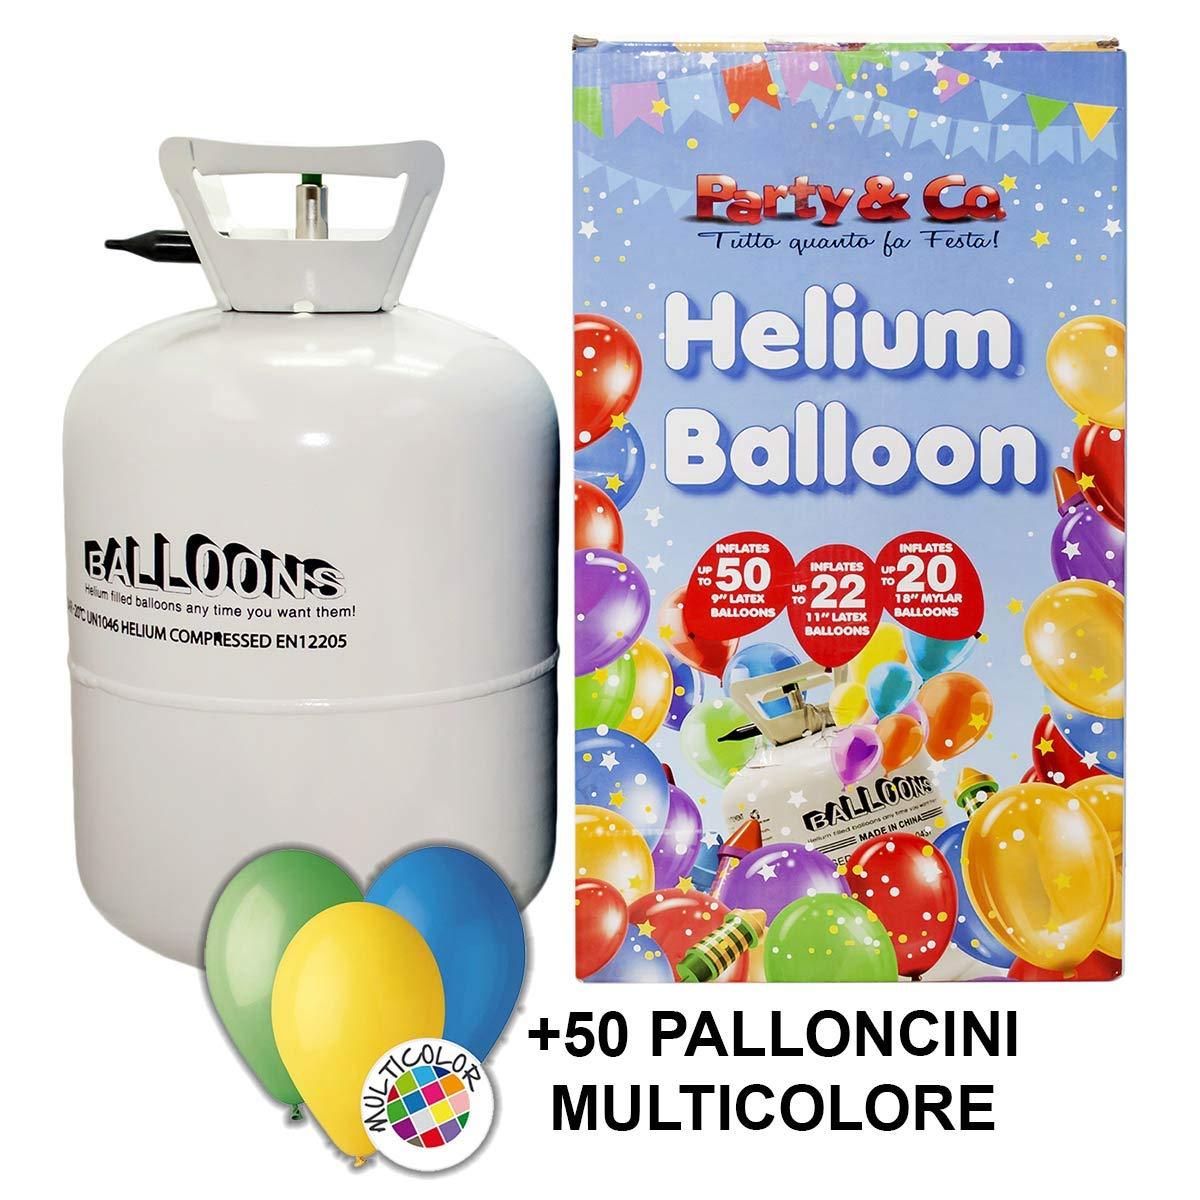 Bombola gas elio grande con 50 palloncini per feste balloon art compleanni matrimonio eventi Party & Co.